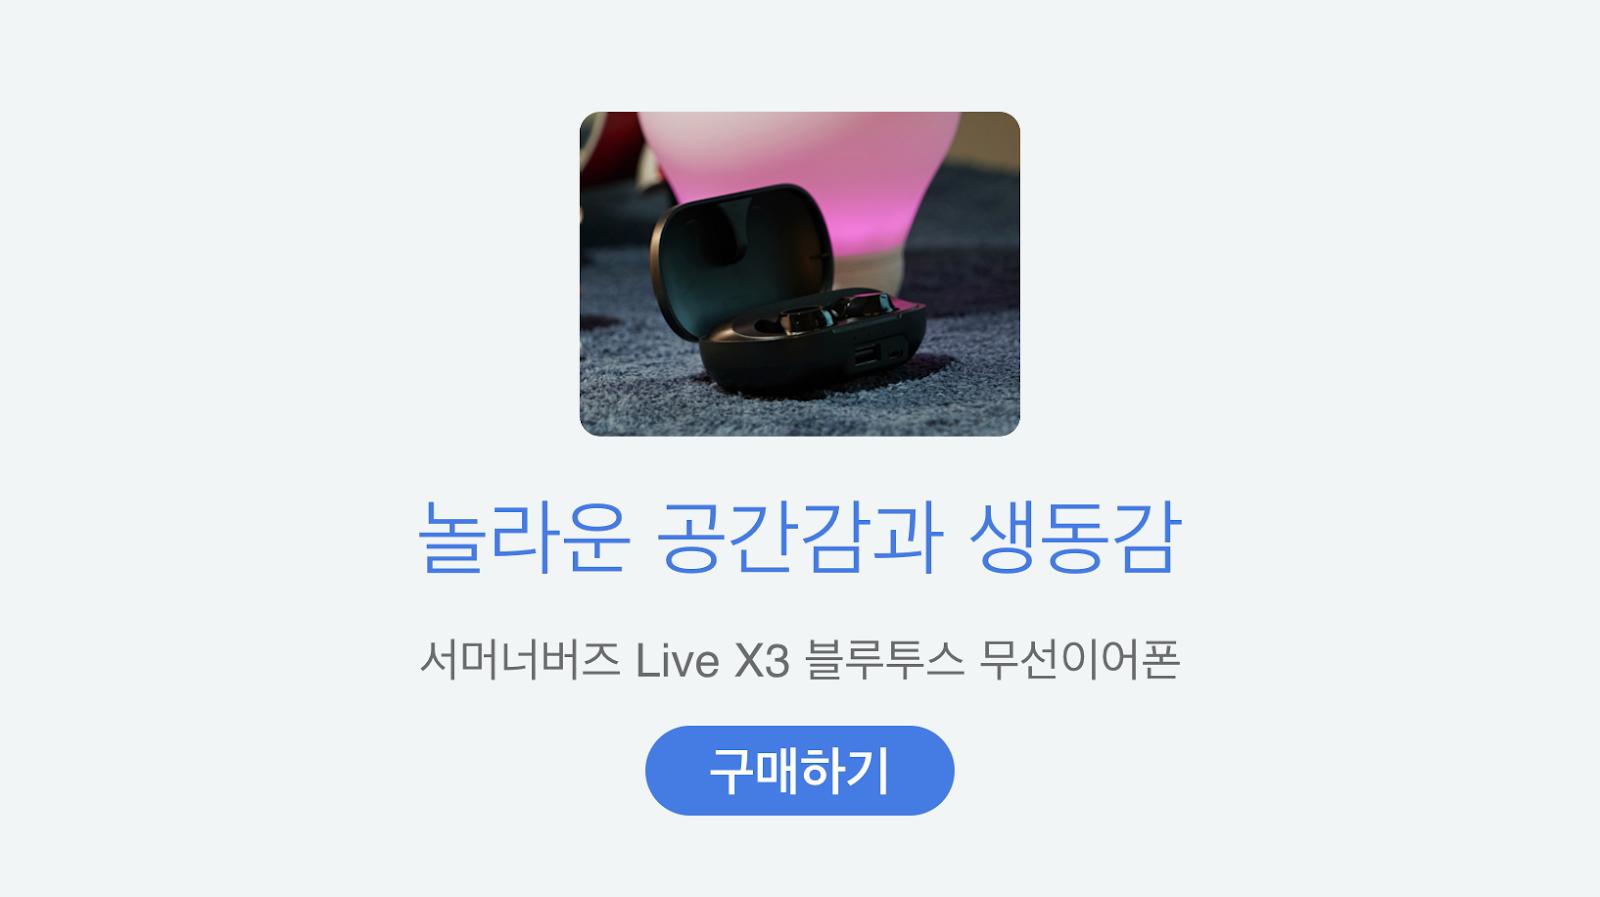 https://smartstore.naver.com/monstarkorea/products/4563199715